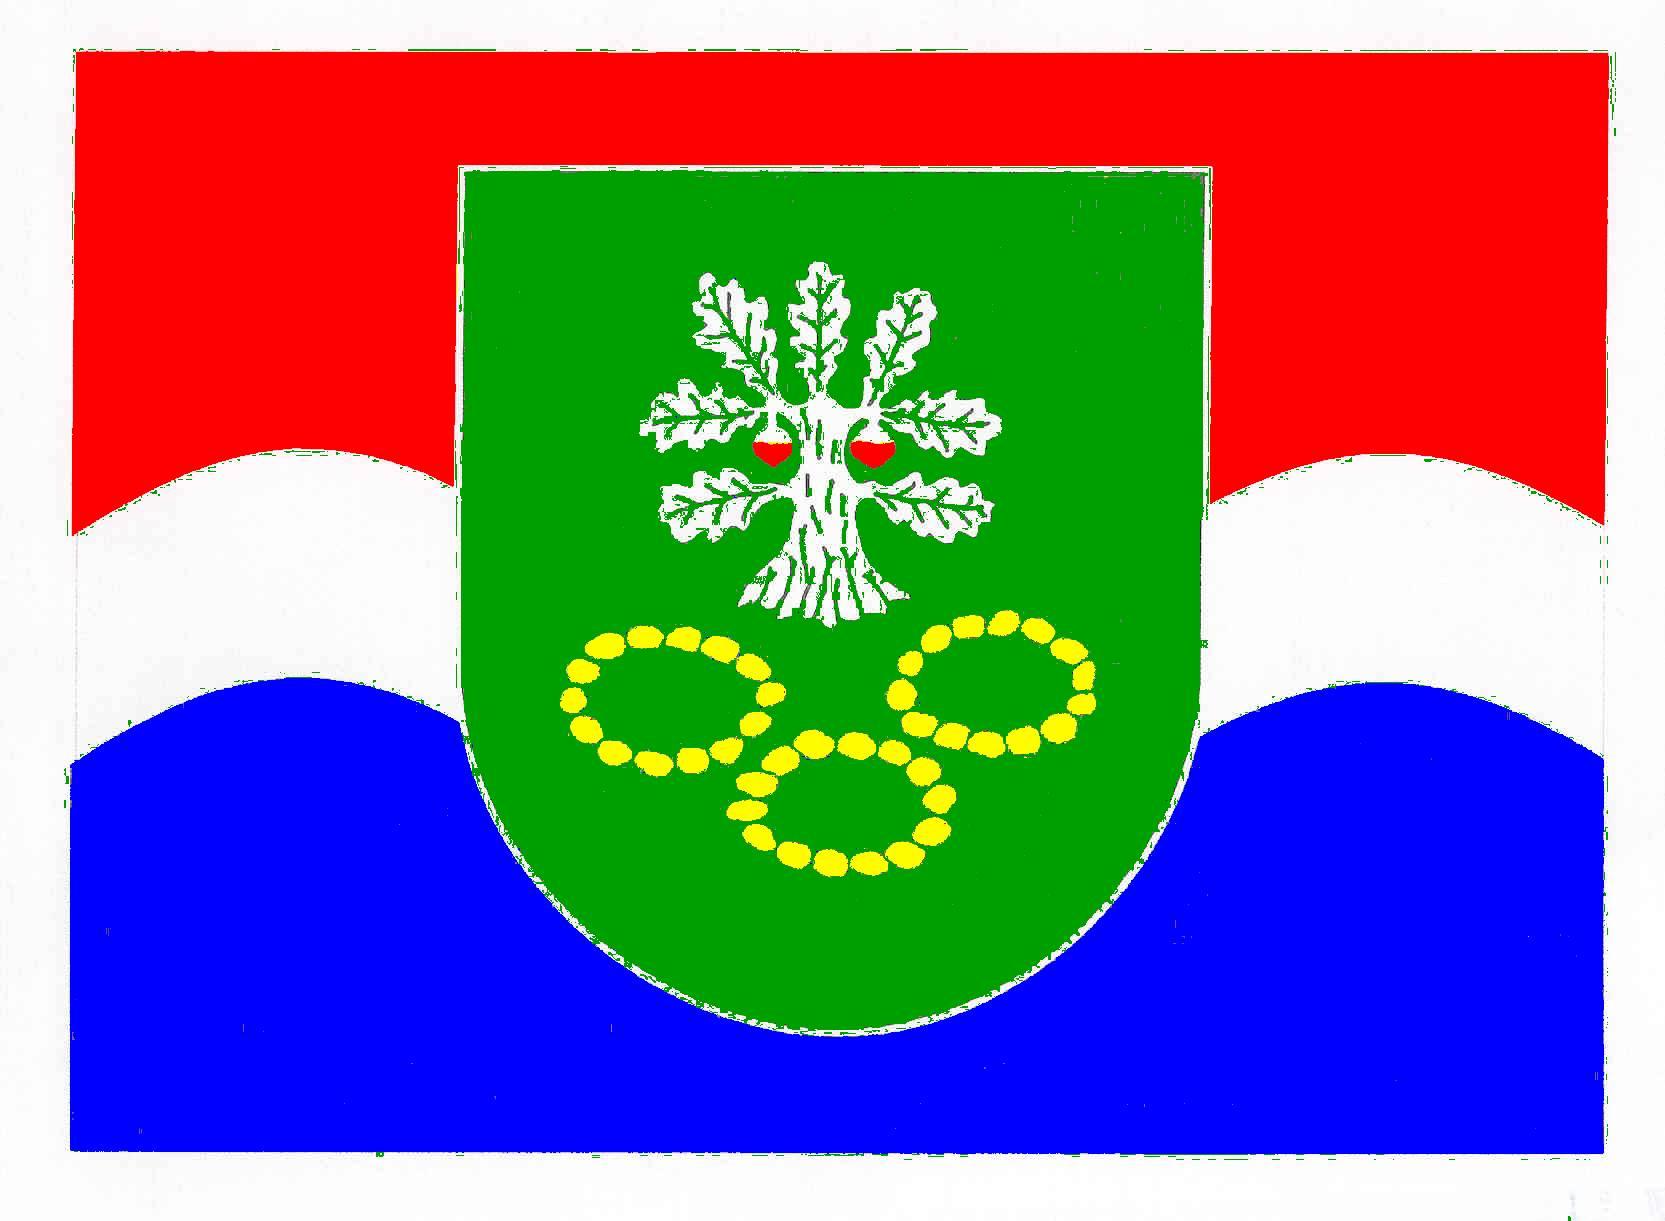 Flagge GemeindeHögsdorf, Kreis Plön